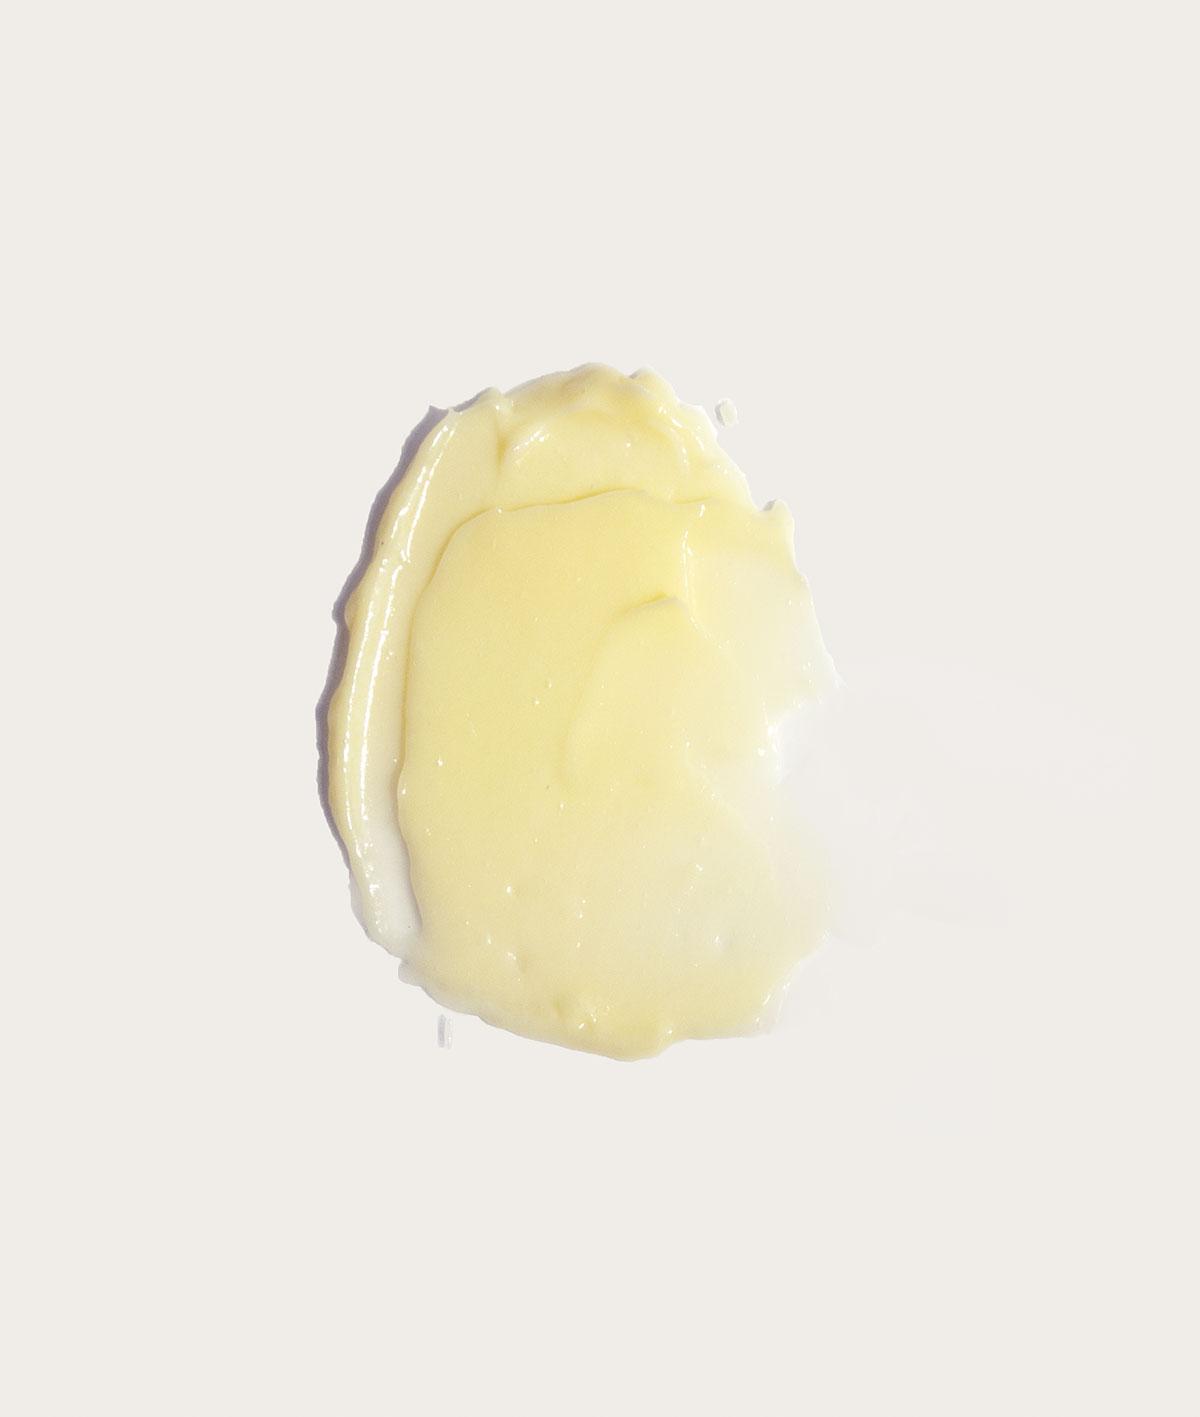 Nourishing Calendula Cleanser,100ml